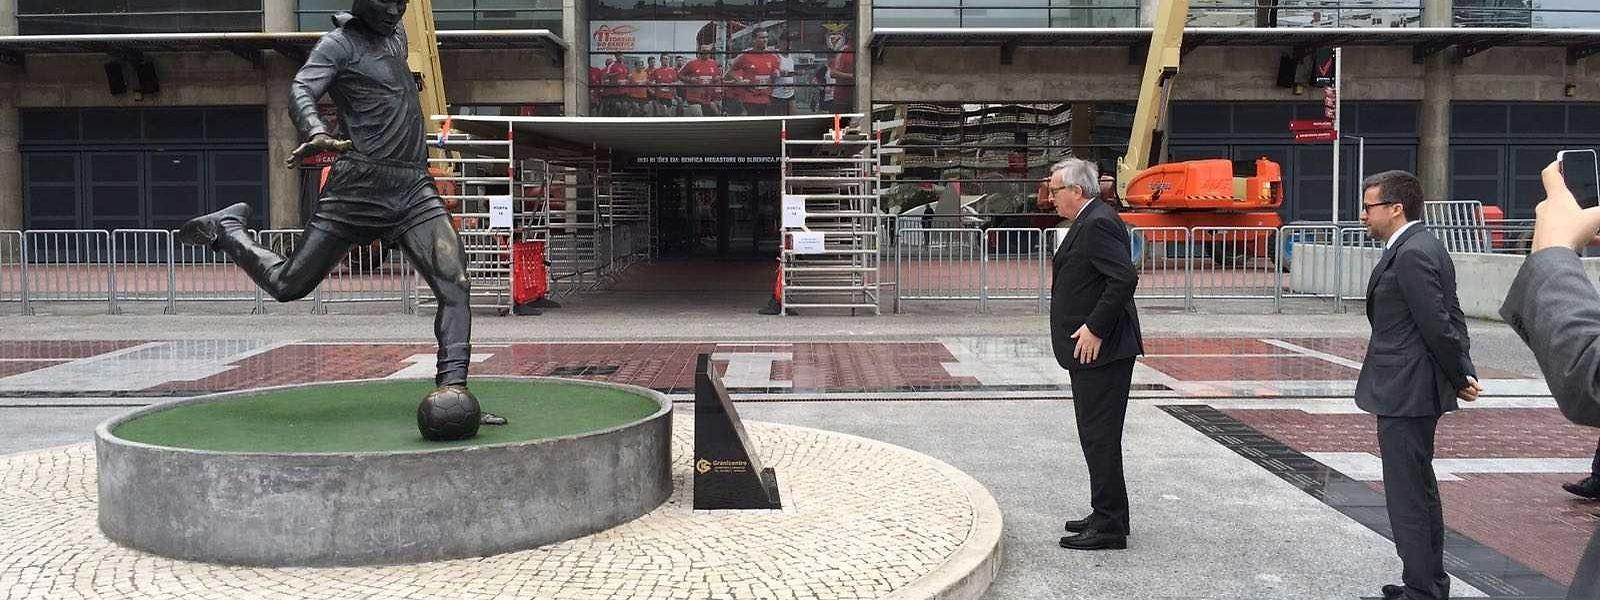 quando era novo, Juncker via os golos de Eusébio com os vizinhos portugueses no Grão-Ducado